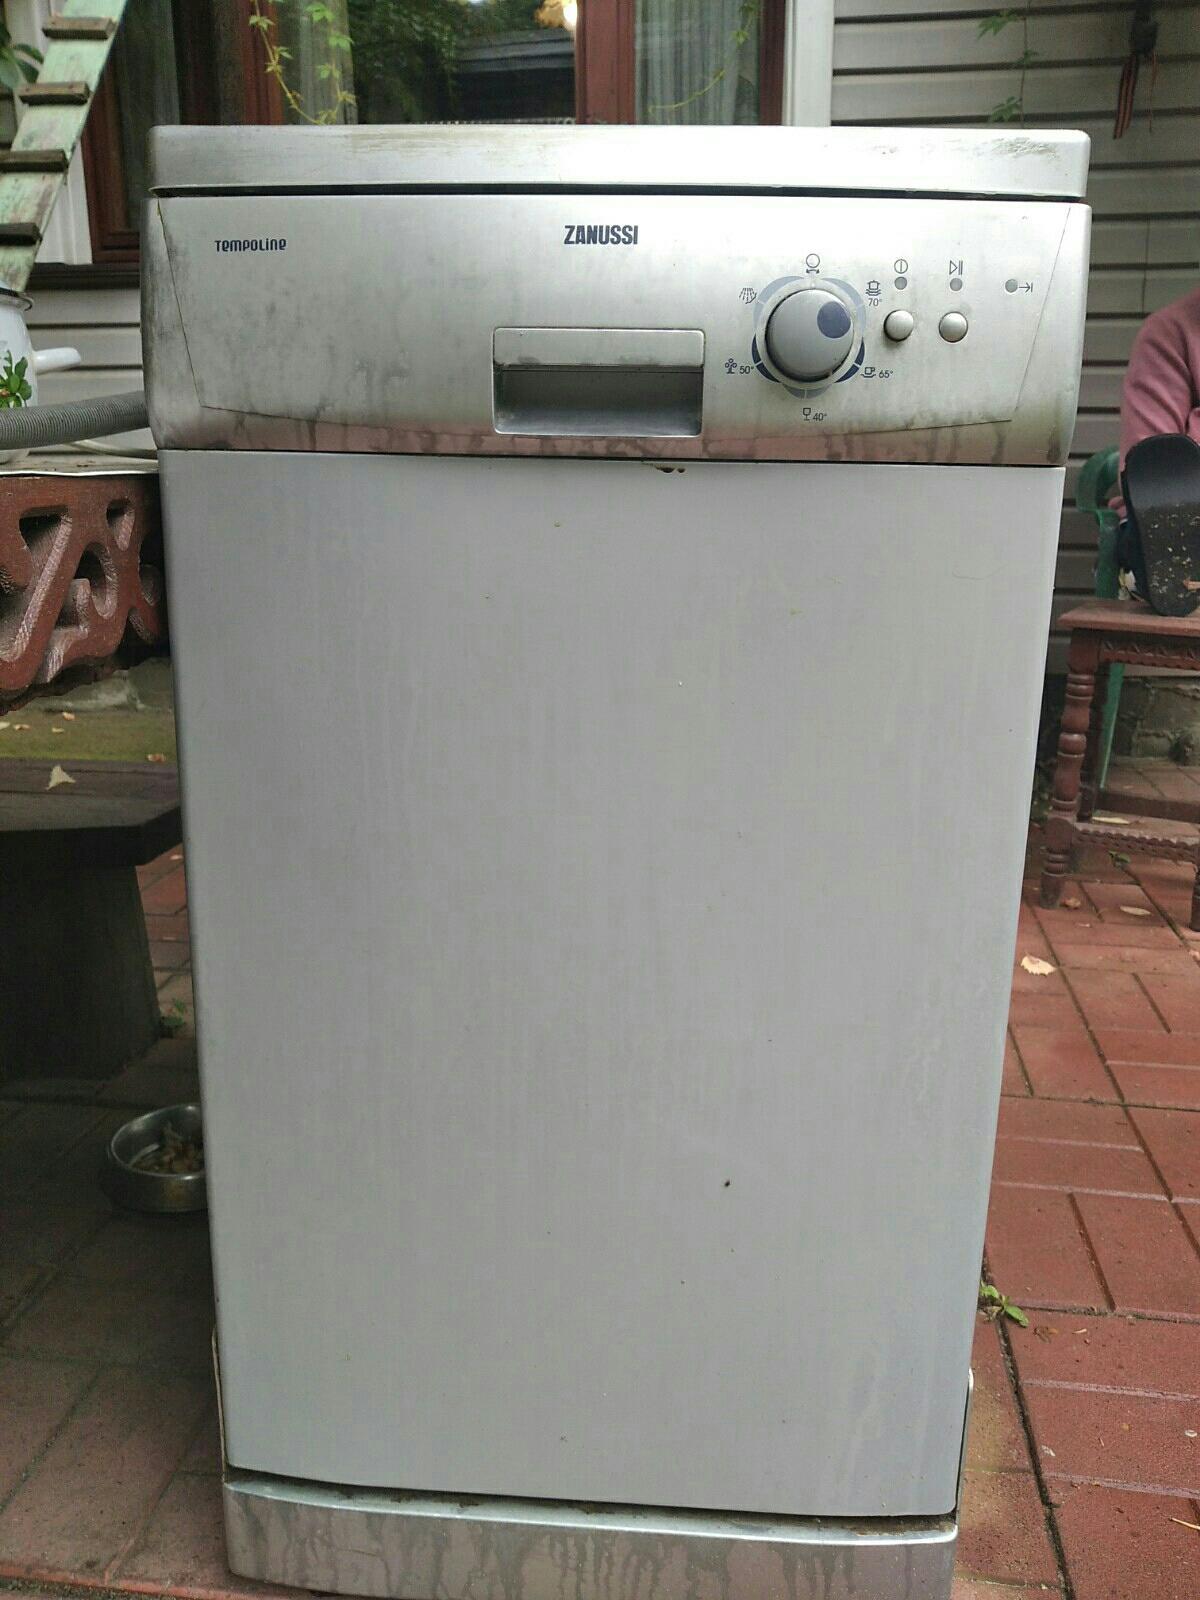 Посудамоущая машинка в Кратово 89051631222 купить 1